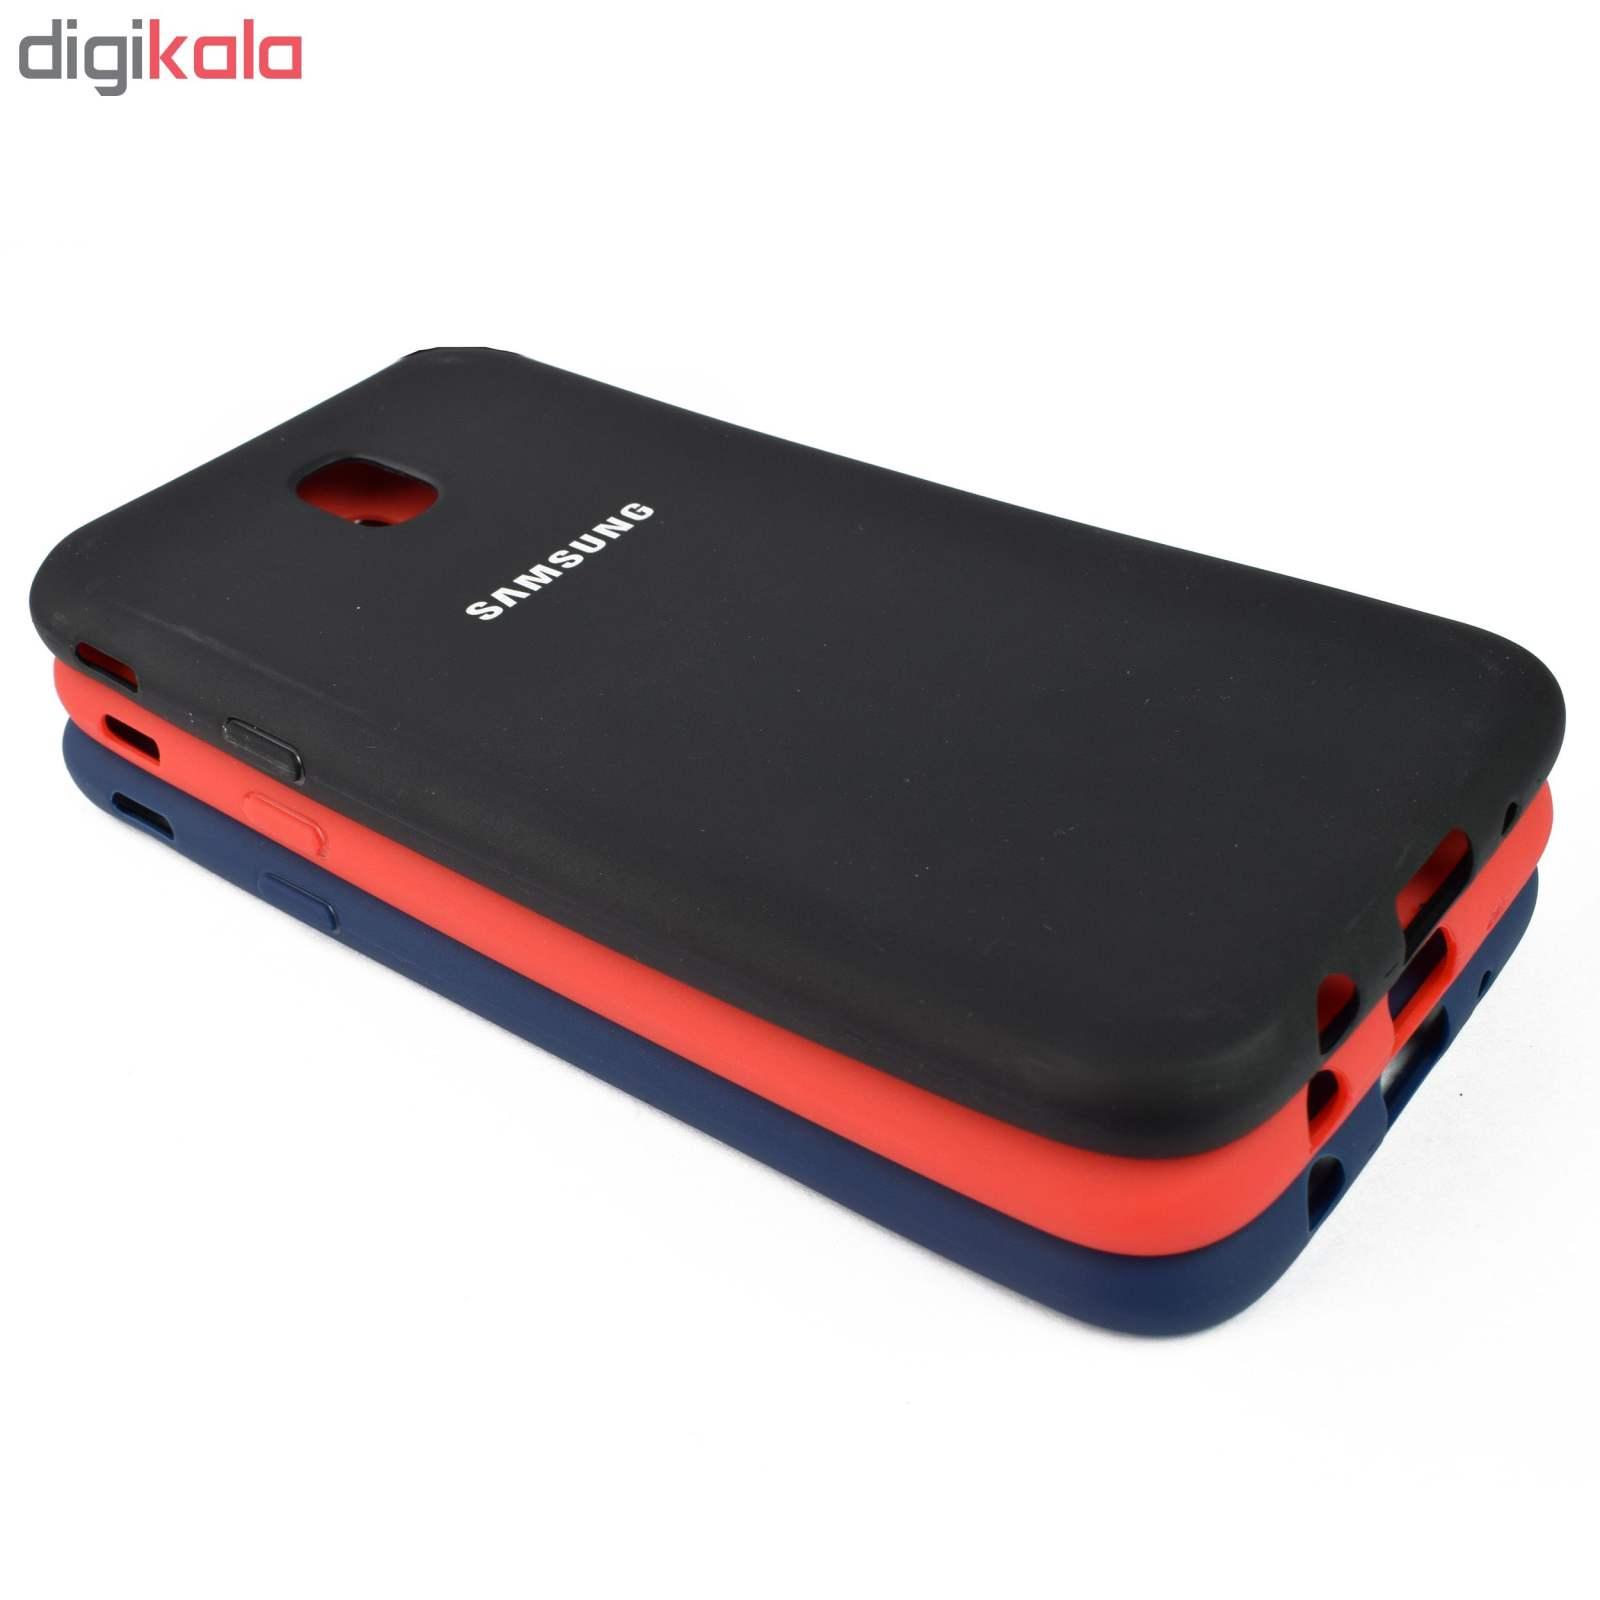 کاور مدل SC20 مناسب برای گوشی موبایل سامسونگ Galaxy J7 Pro / J730 main 1 2